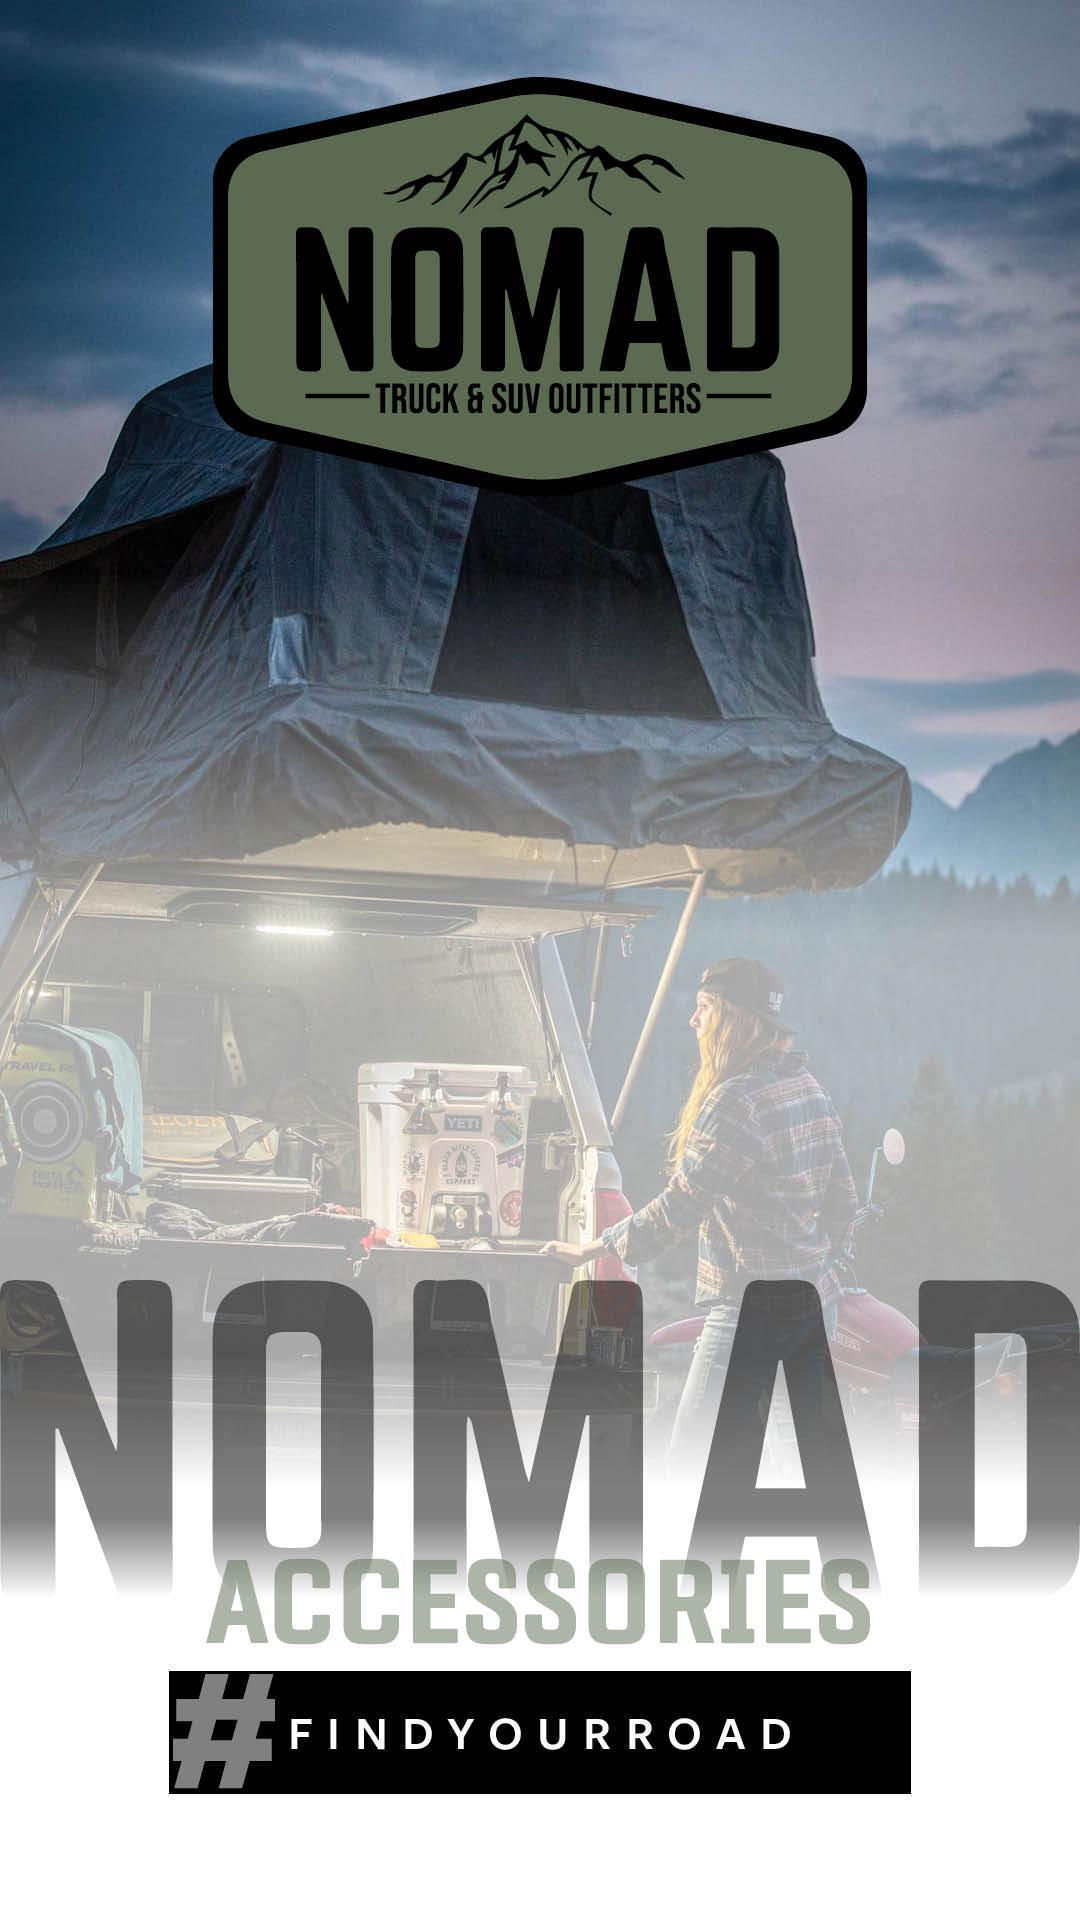 NOMAD_Accessories2